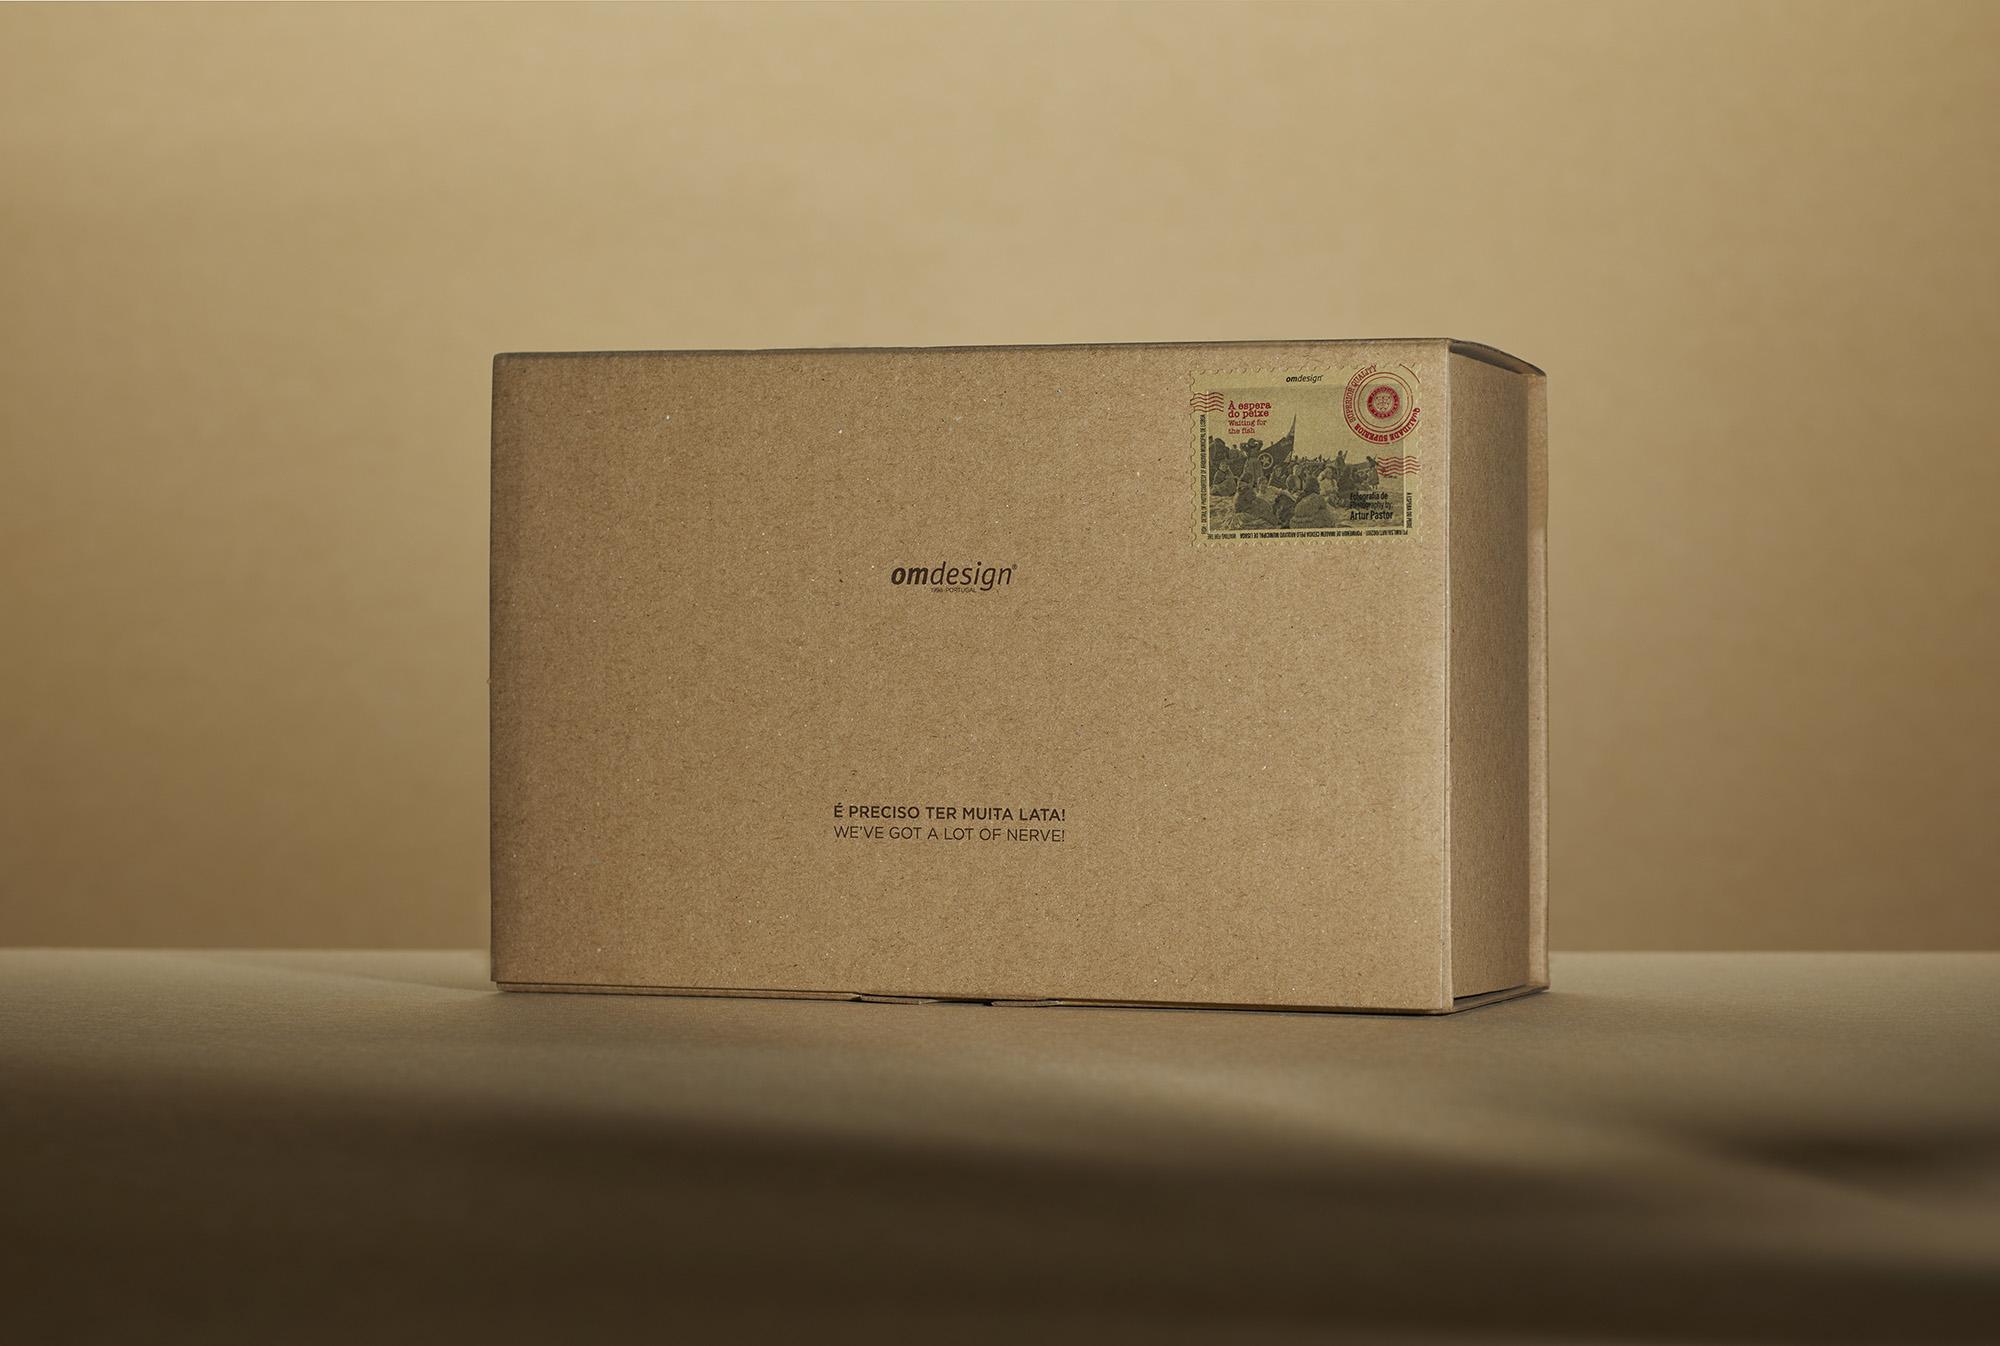 Omdesign 2020 Self-Promotion Packaging Design